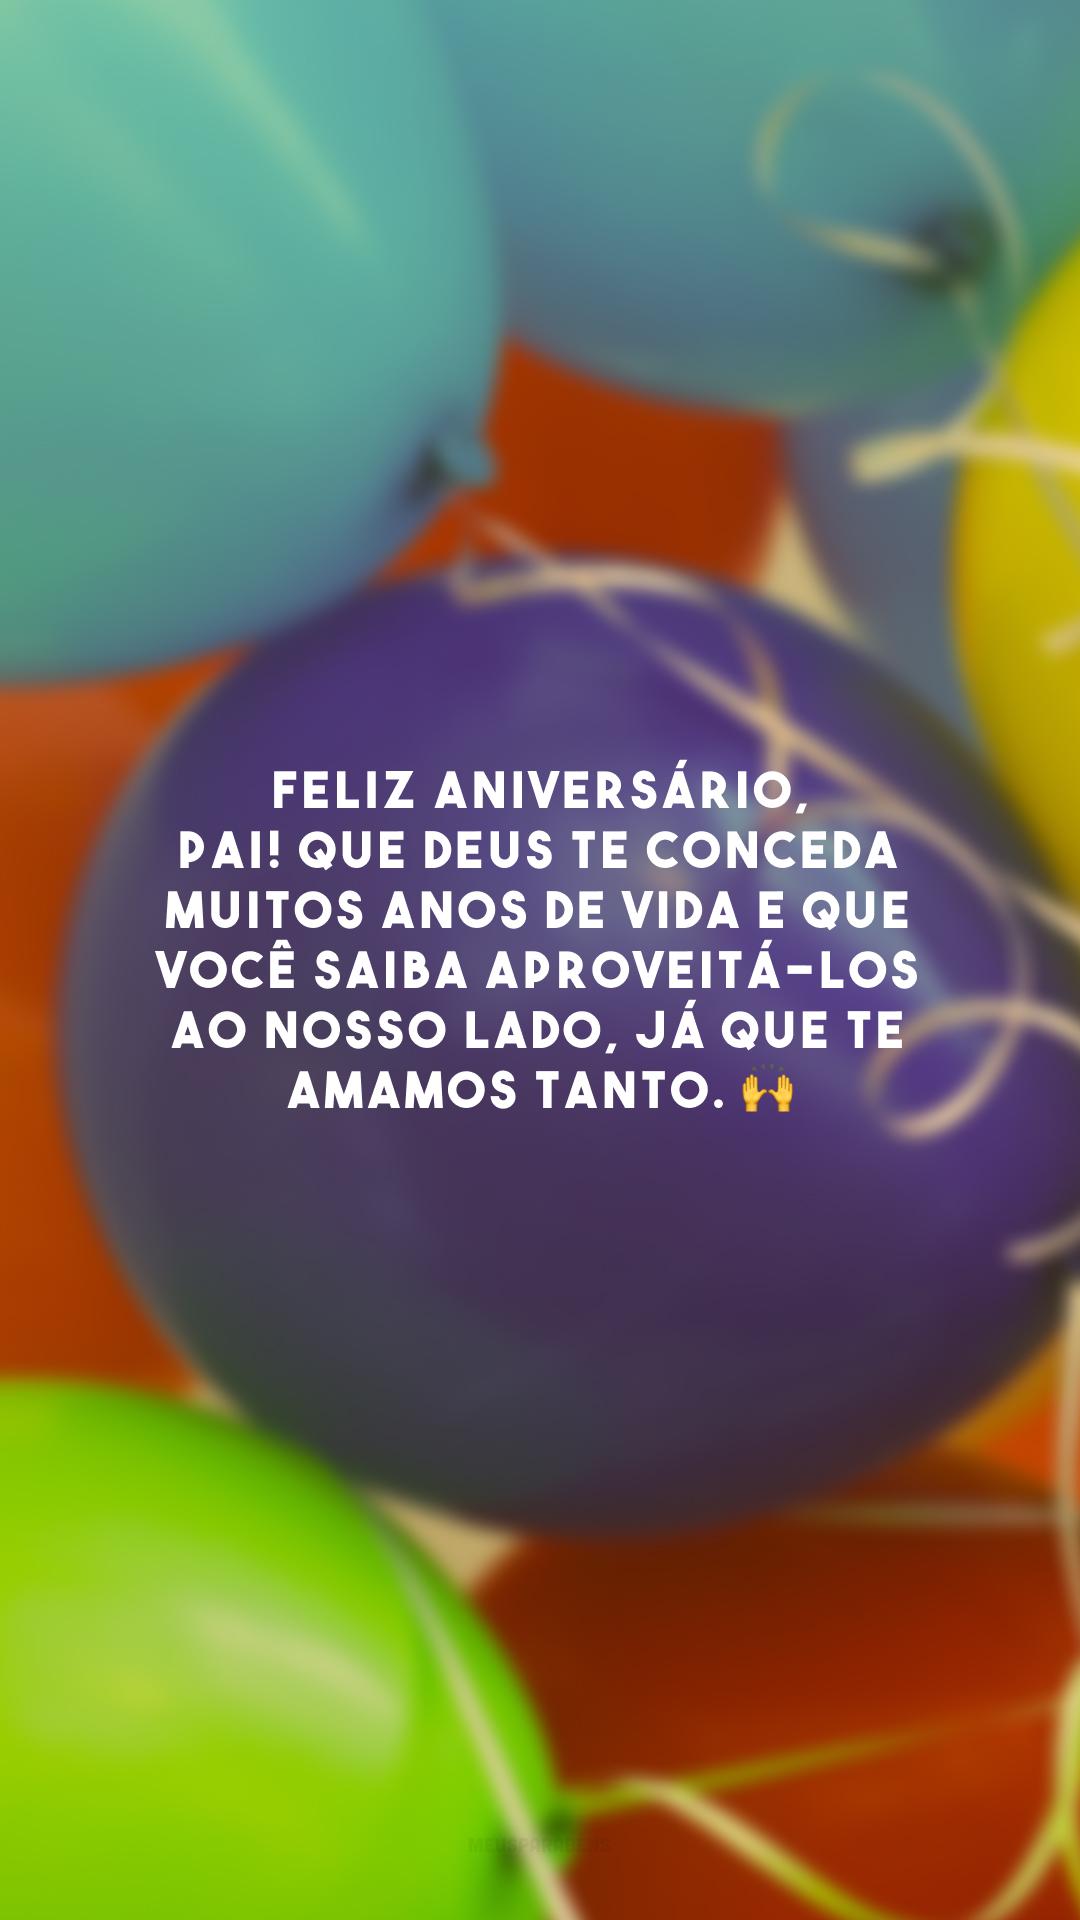 Feliz aniversário, pai! Que Deus te conceda muitos anos de vida e que você saiba aproveitá-los ao nosso lado, já que te amamos tanto. 🙌